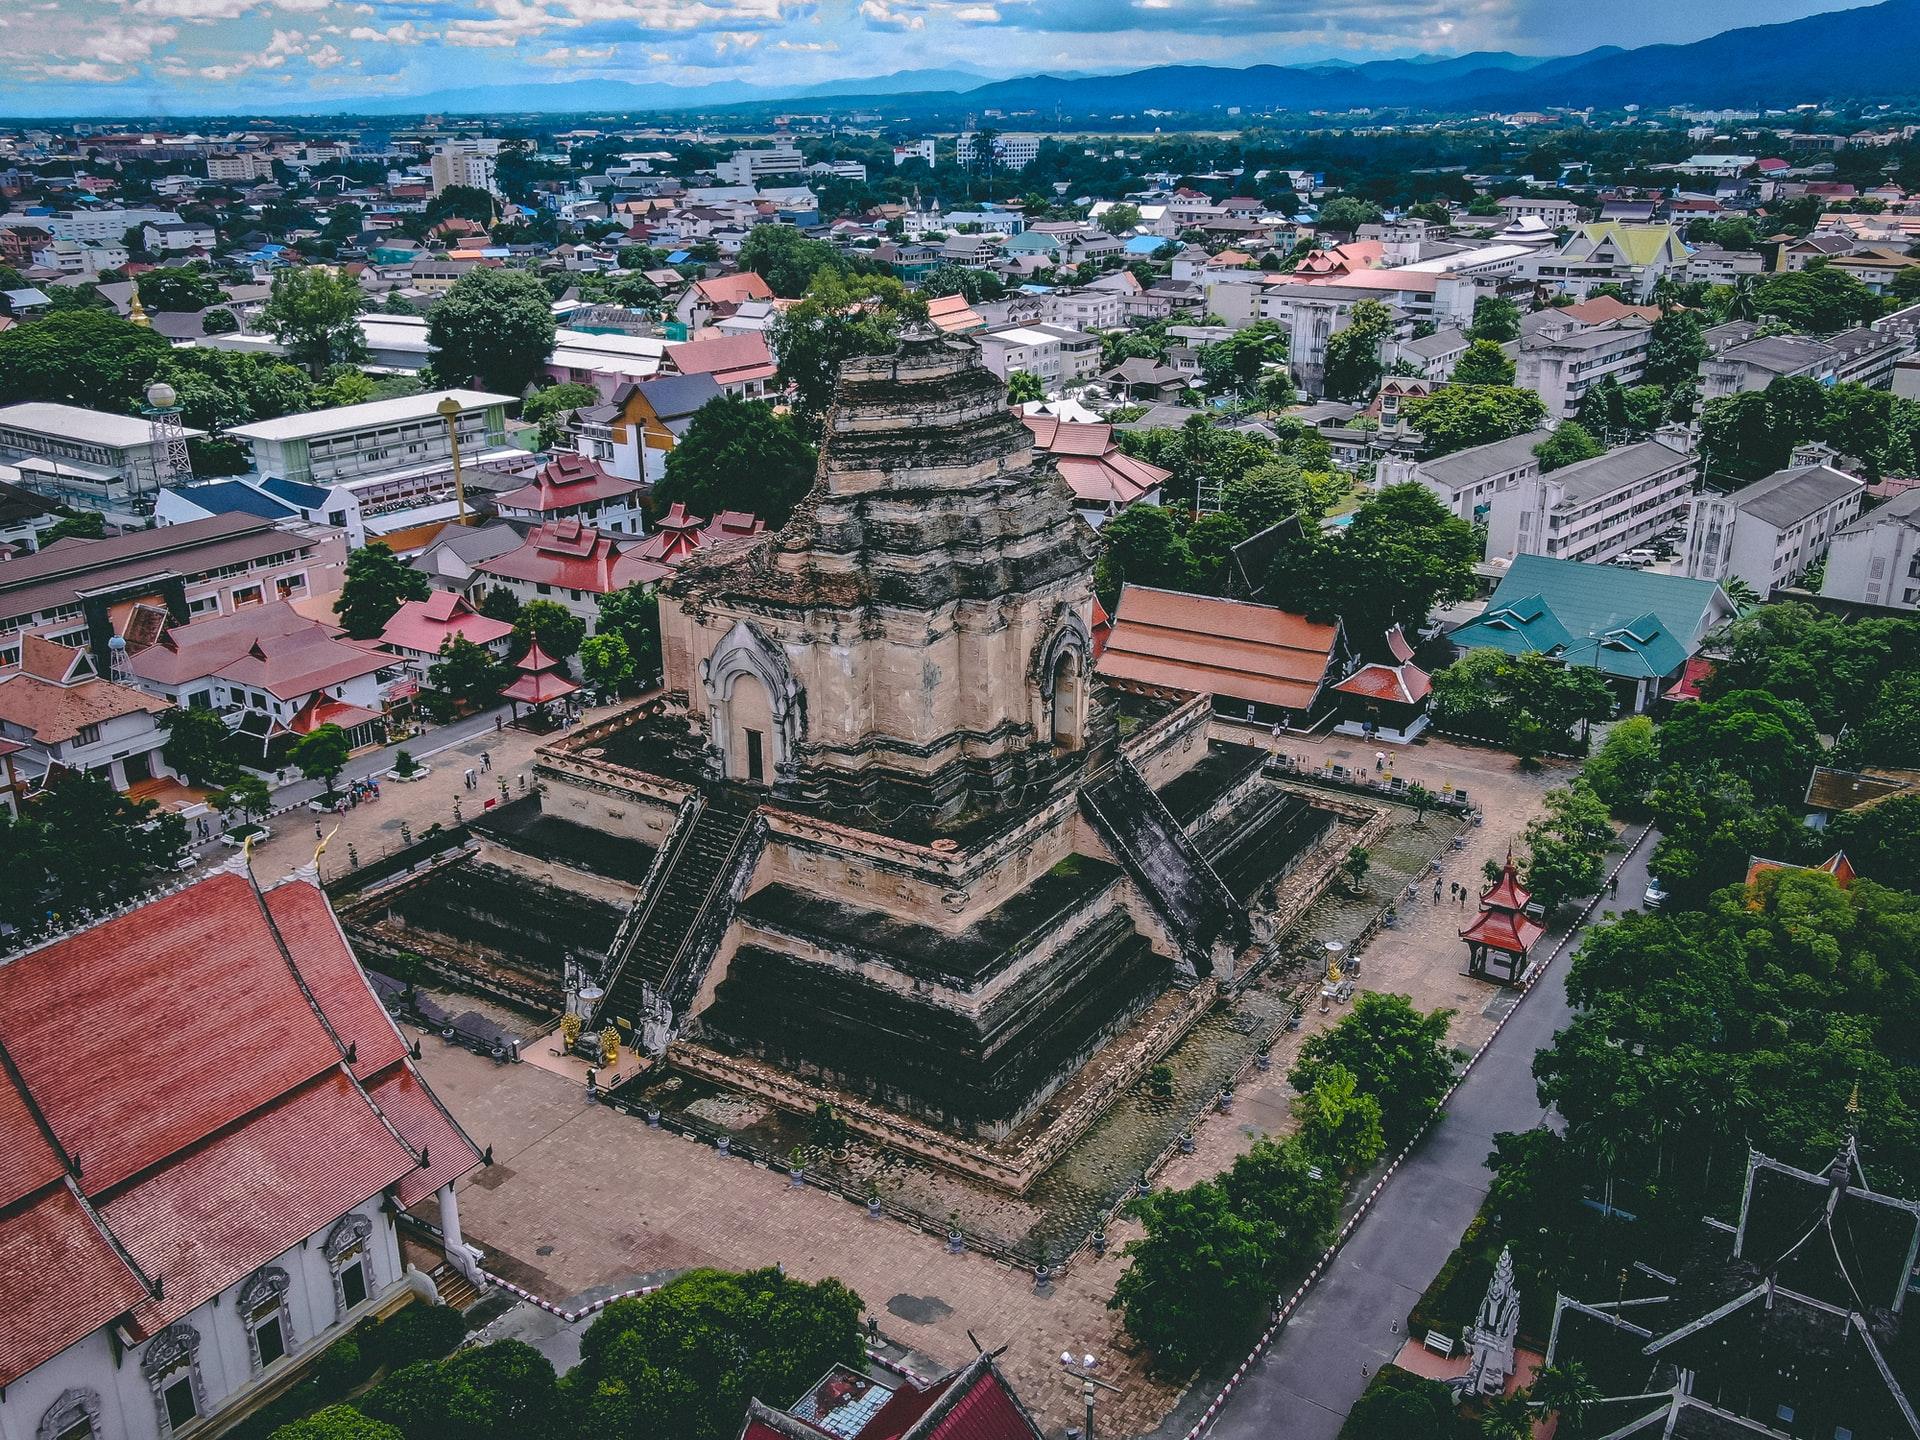 Chiang Mai Thailand skyline